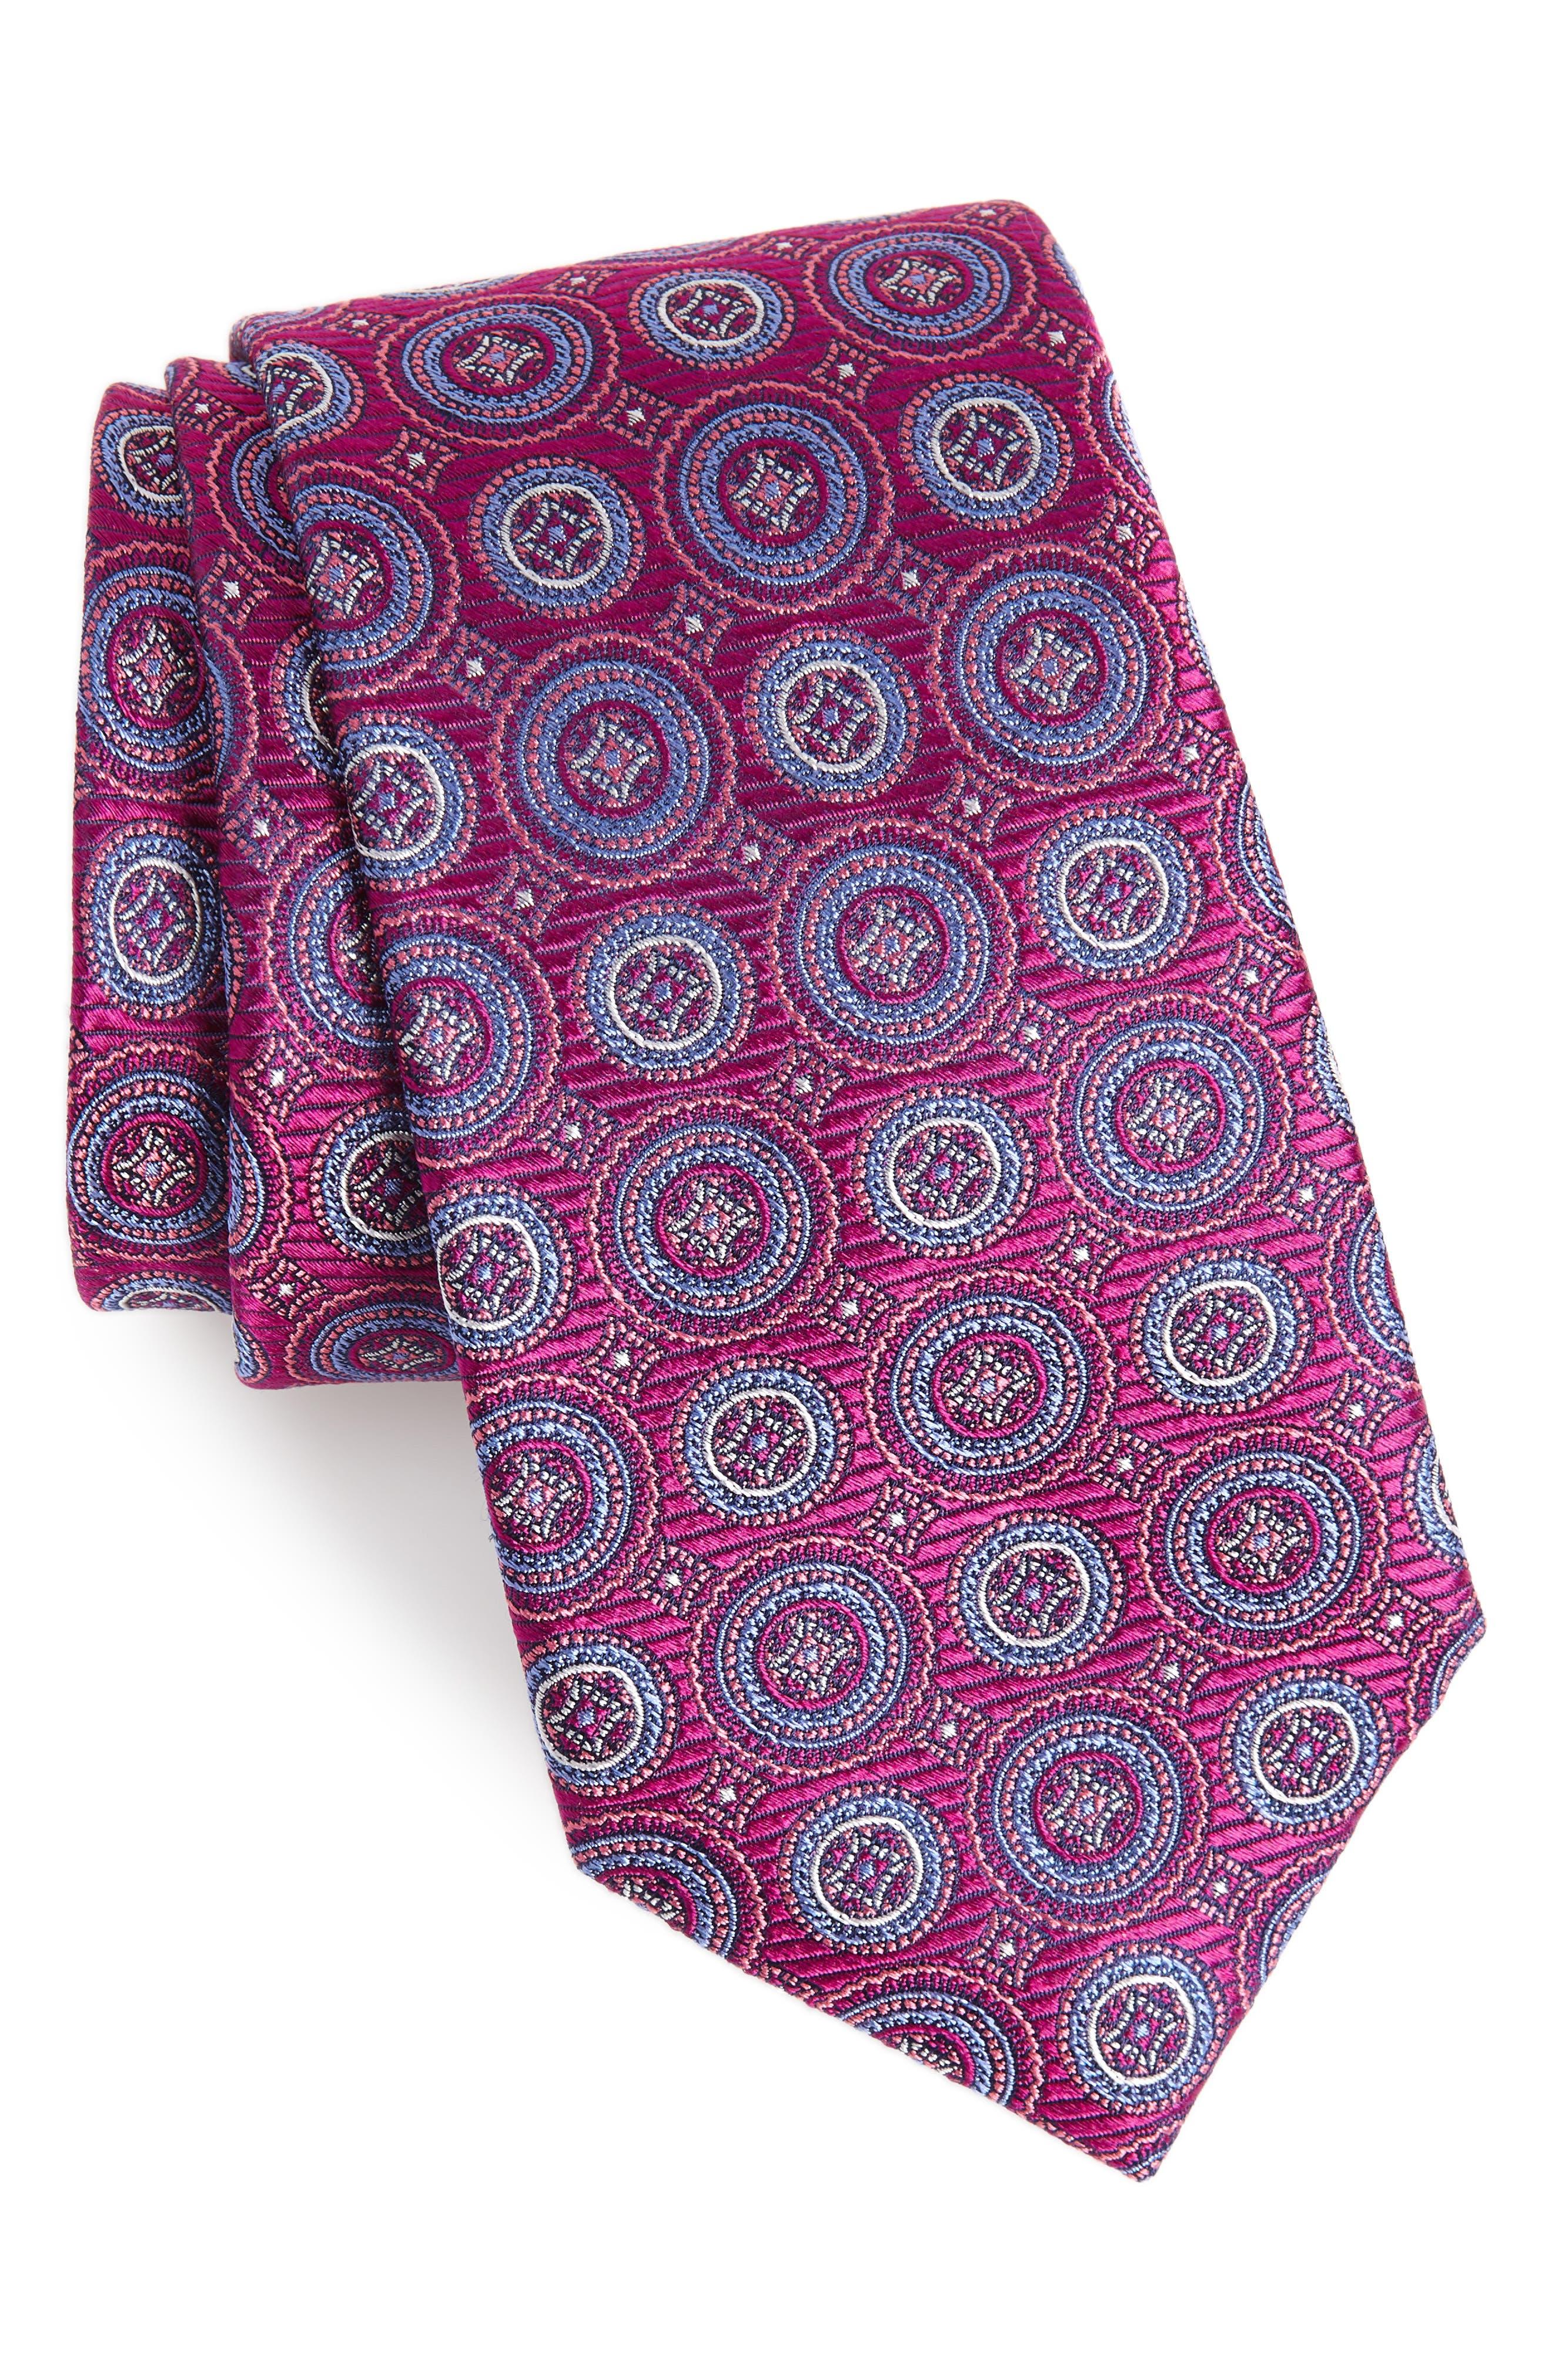 Santa Lucia Circles Silk Tie,                             Main thumbnail 1, color,                             PINK